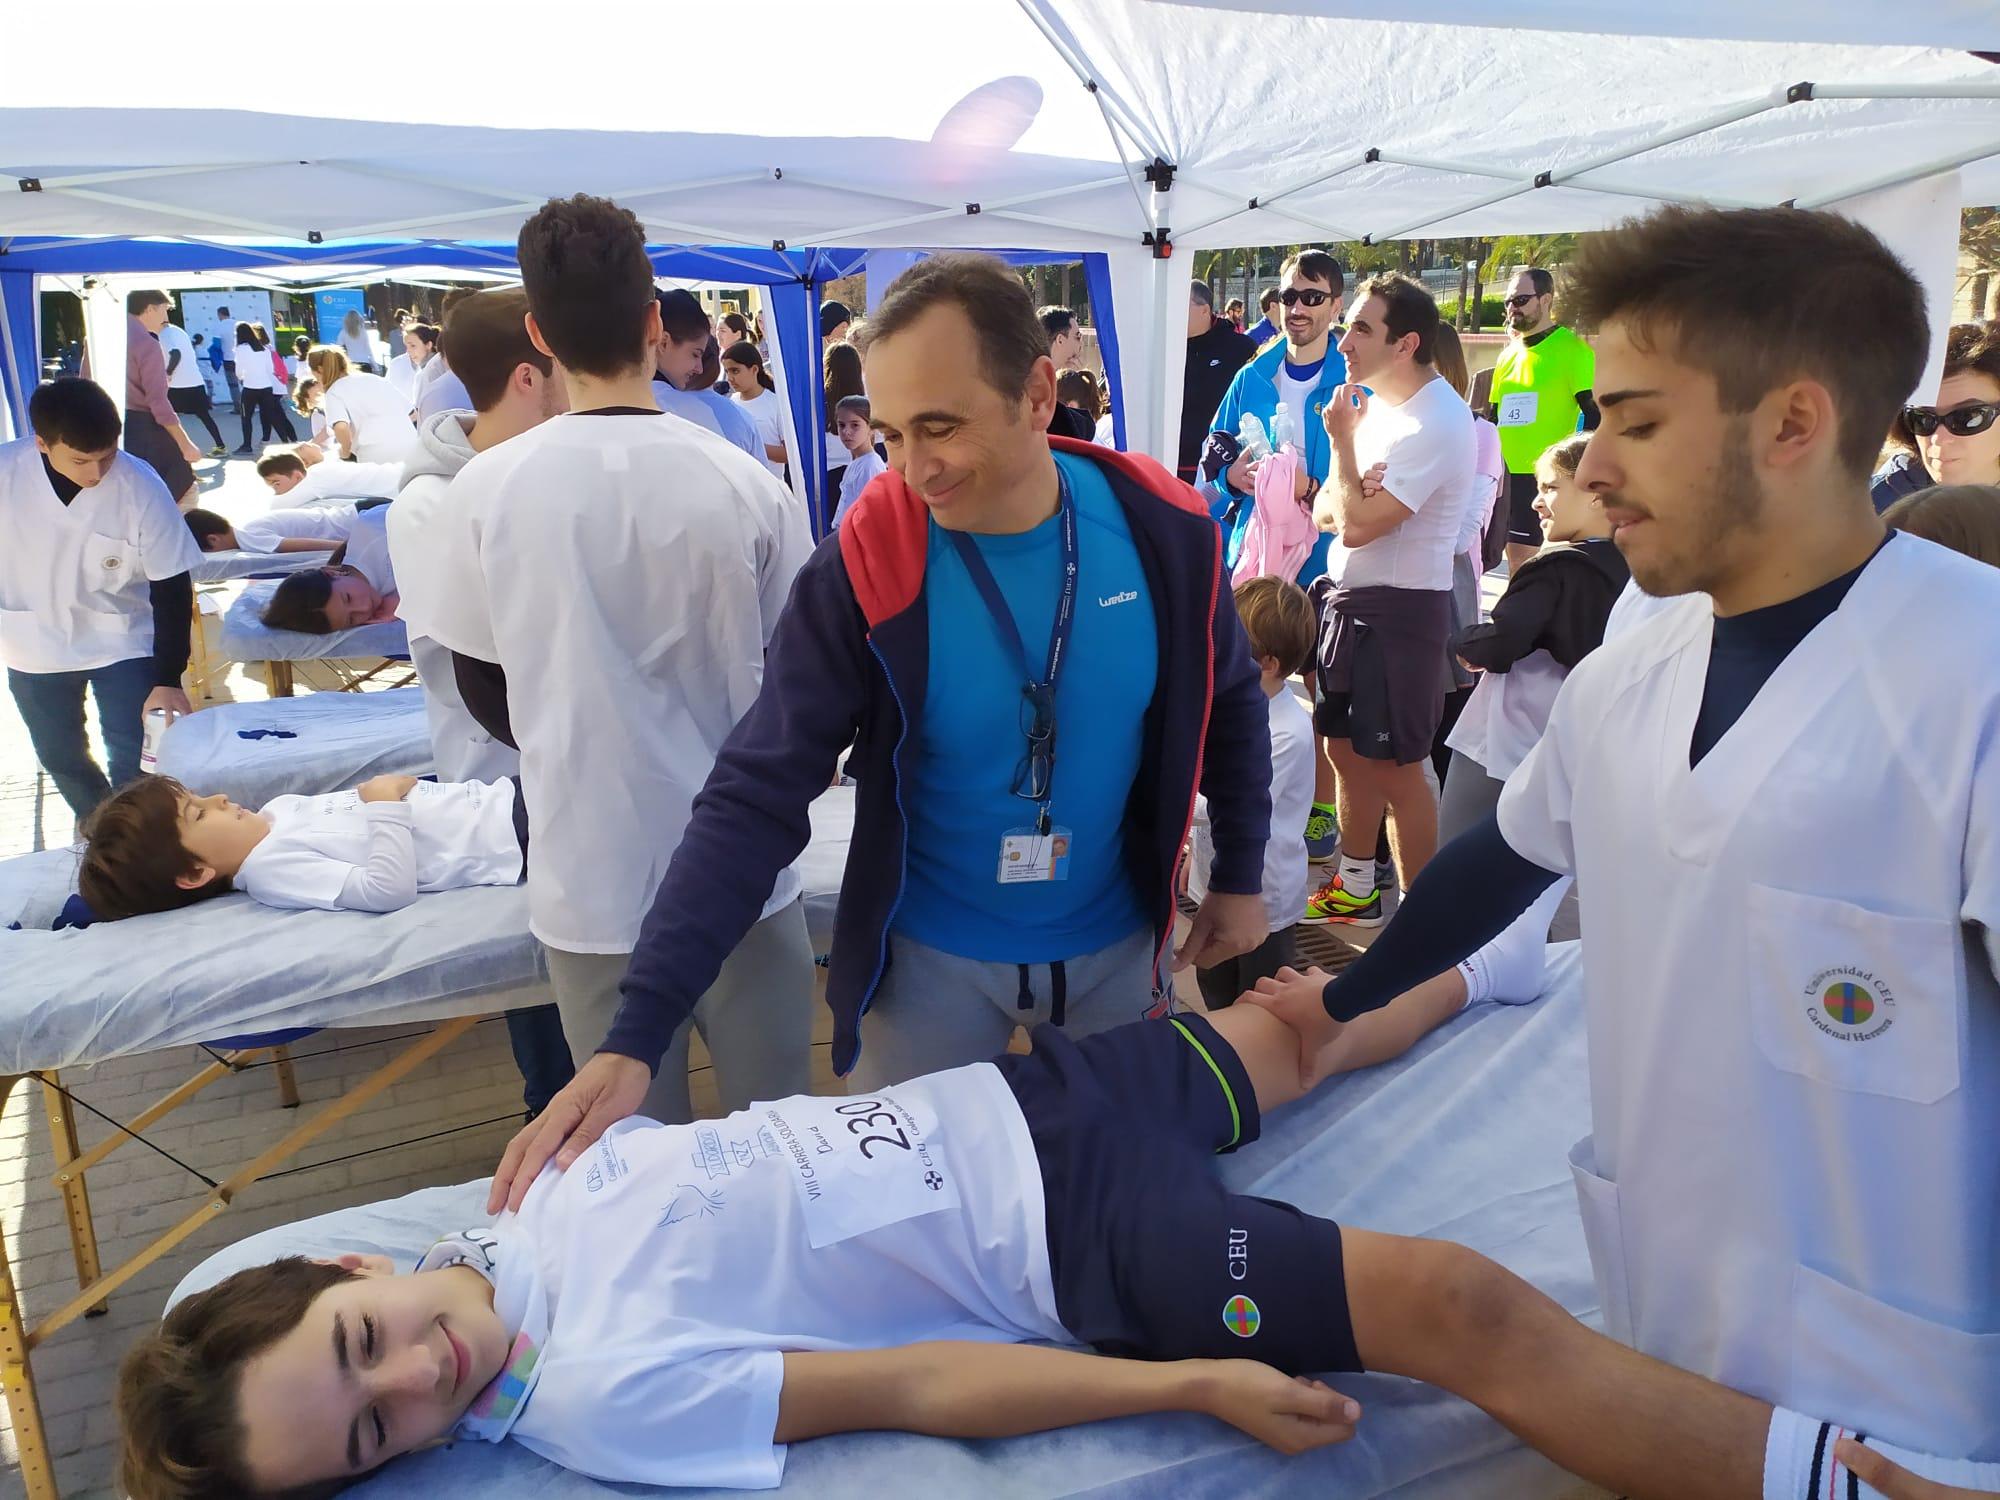 Estudiantes con solidaridad. Un joven corredor es atendido por los voluntarios de Fisioterapia CEU UCH